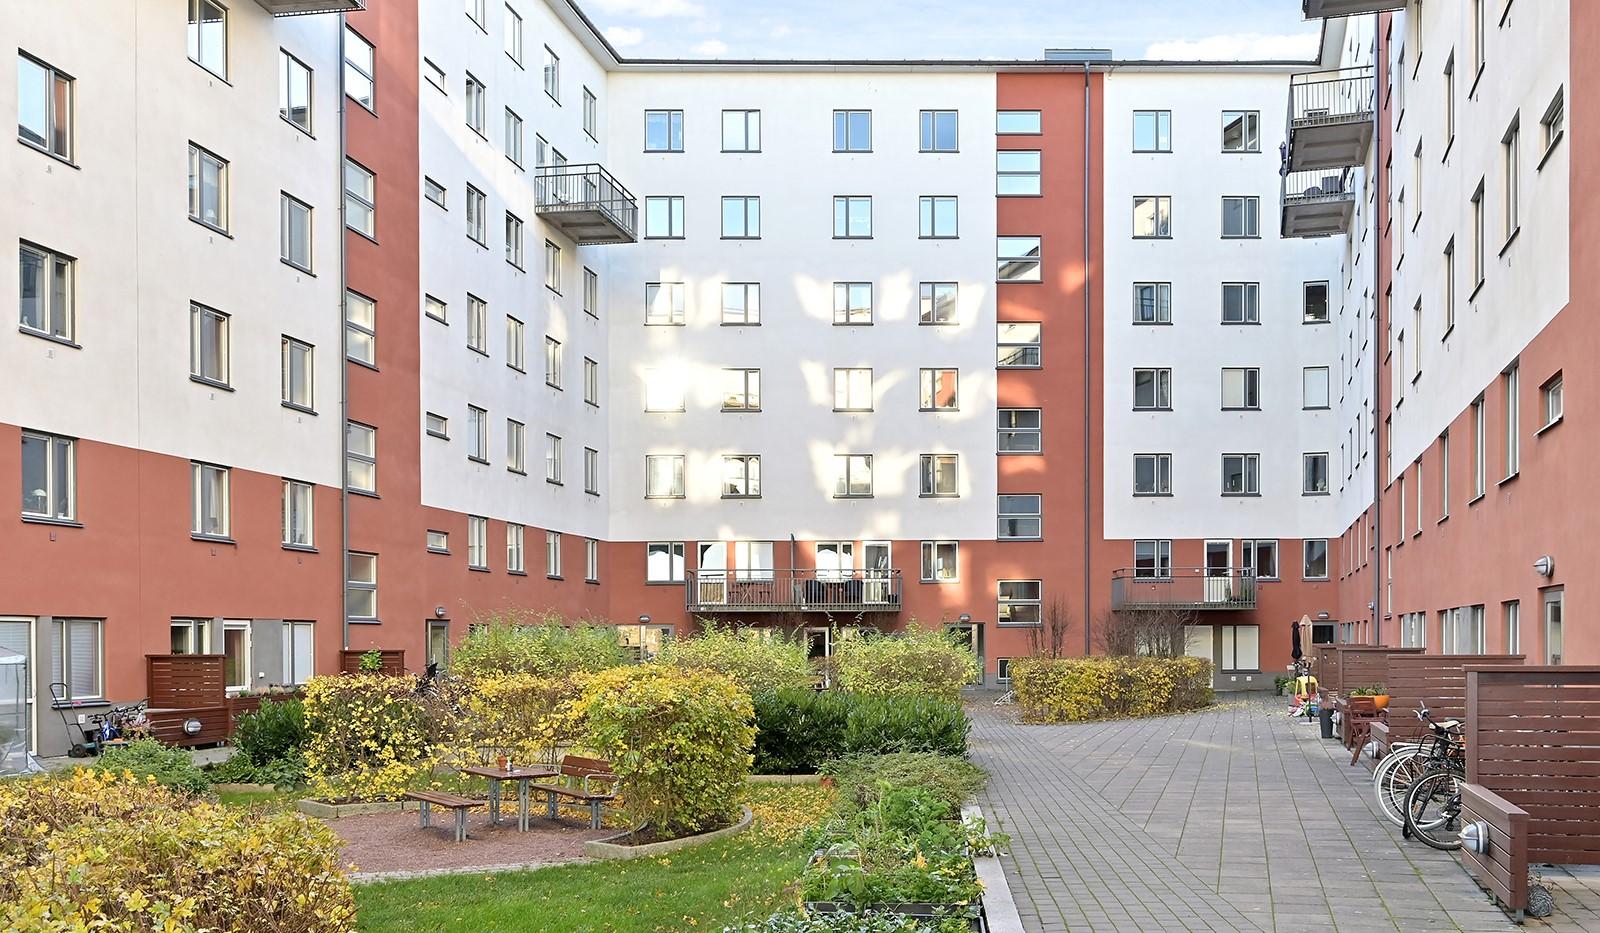 Vinodlargatan 8 - Innergården